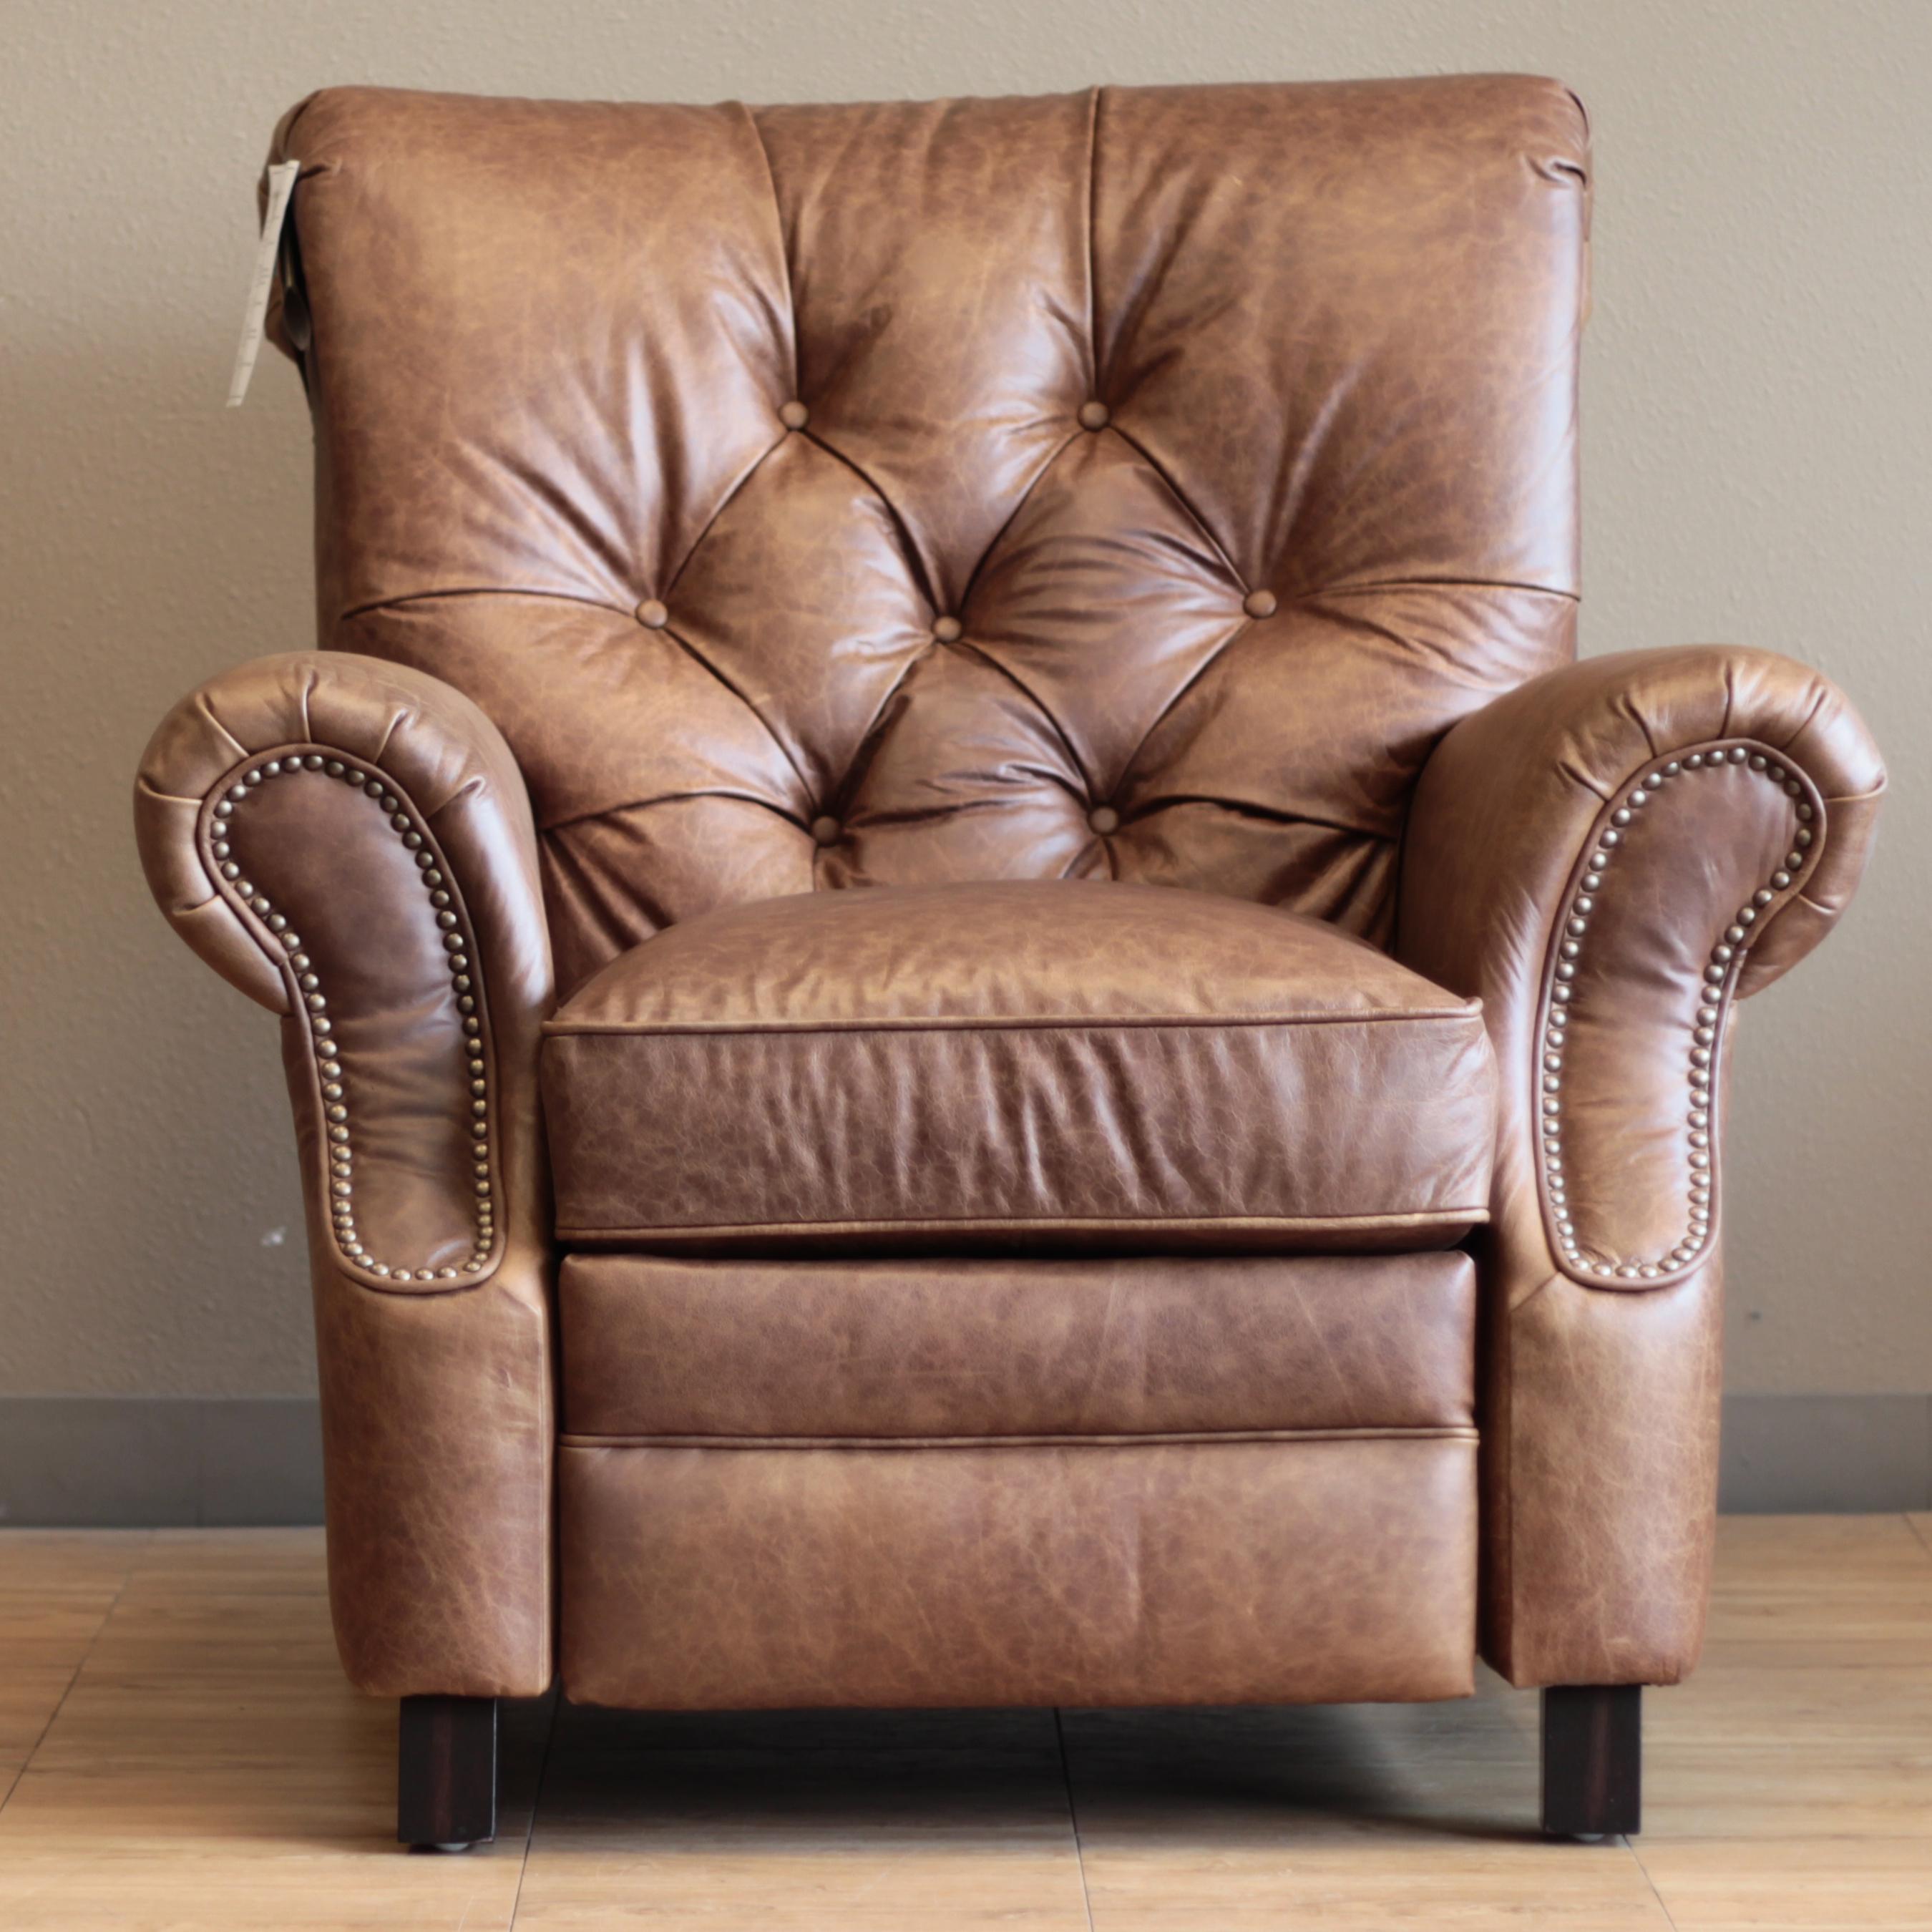 Barcalounger Phoenix II Recliner Chair  Leather Recliner